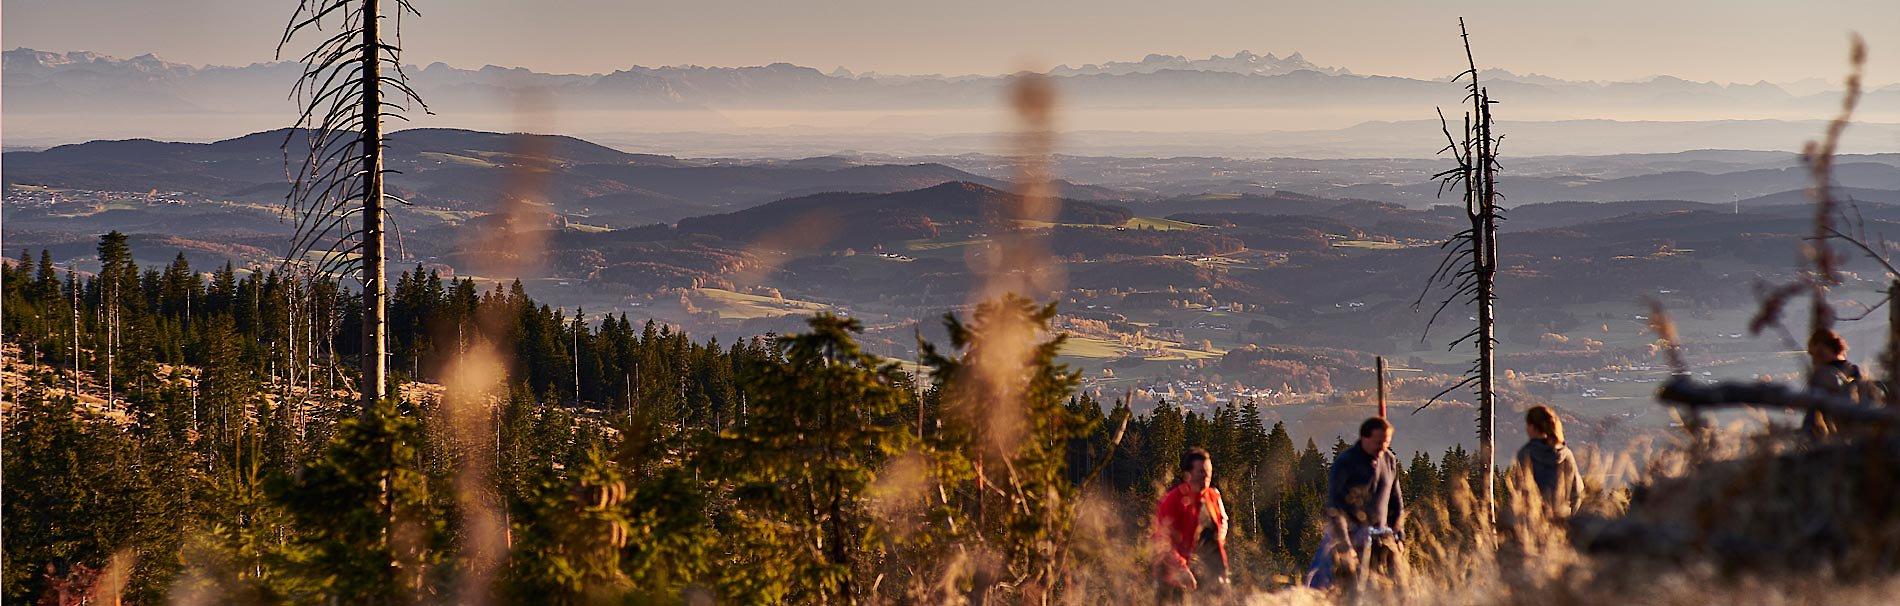 Wandern im Bayerischen Wald - Wanderpensionen in Bayern.